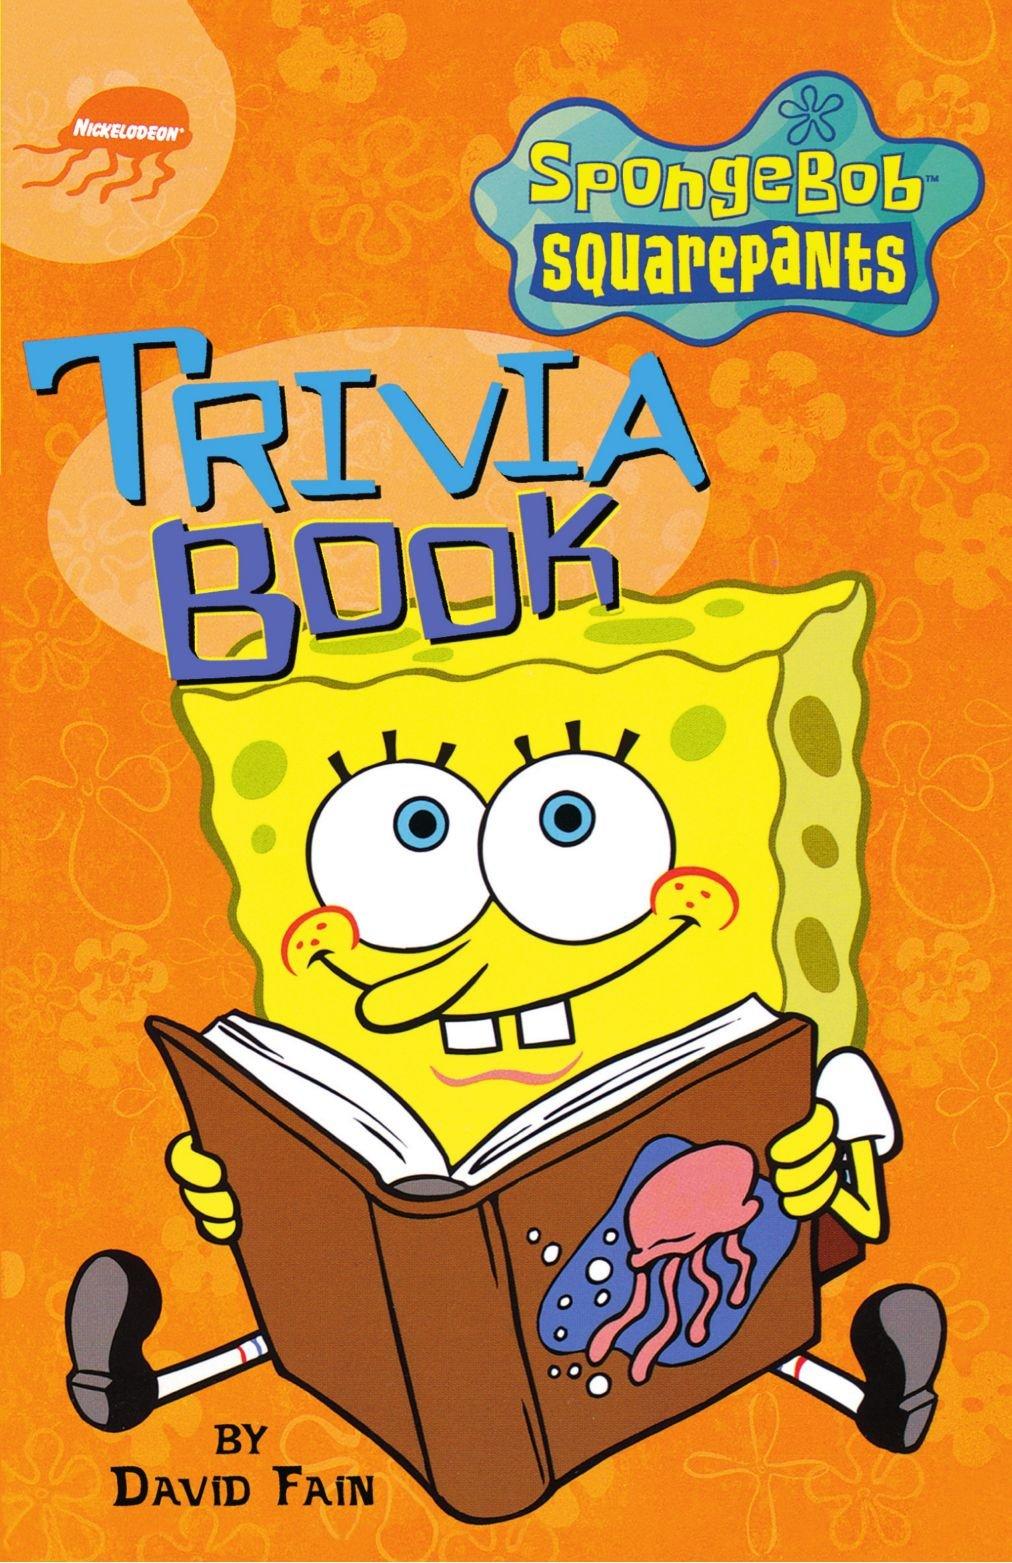 spongebob squarepants trivia book spongebob squarepants humor